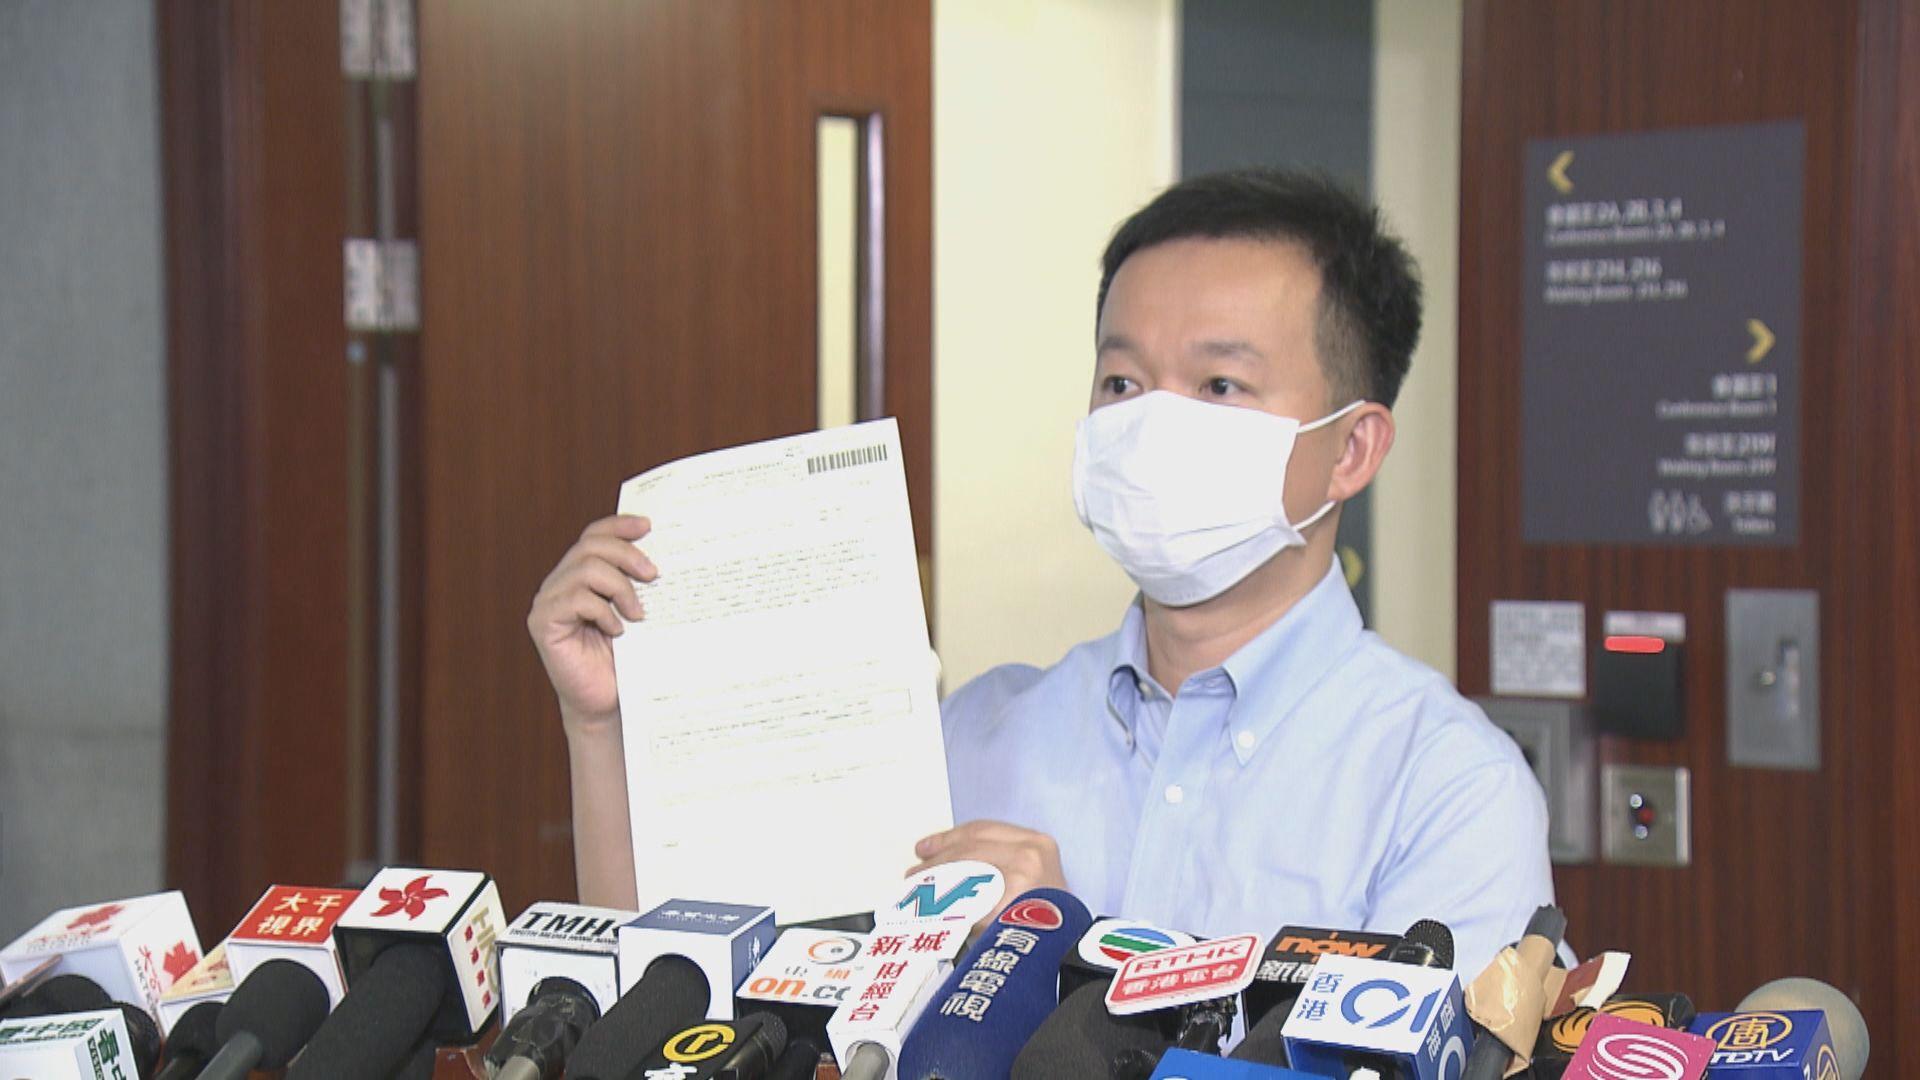 陳志全私人檢控郭偉强普通襲擊 下月27日開審